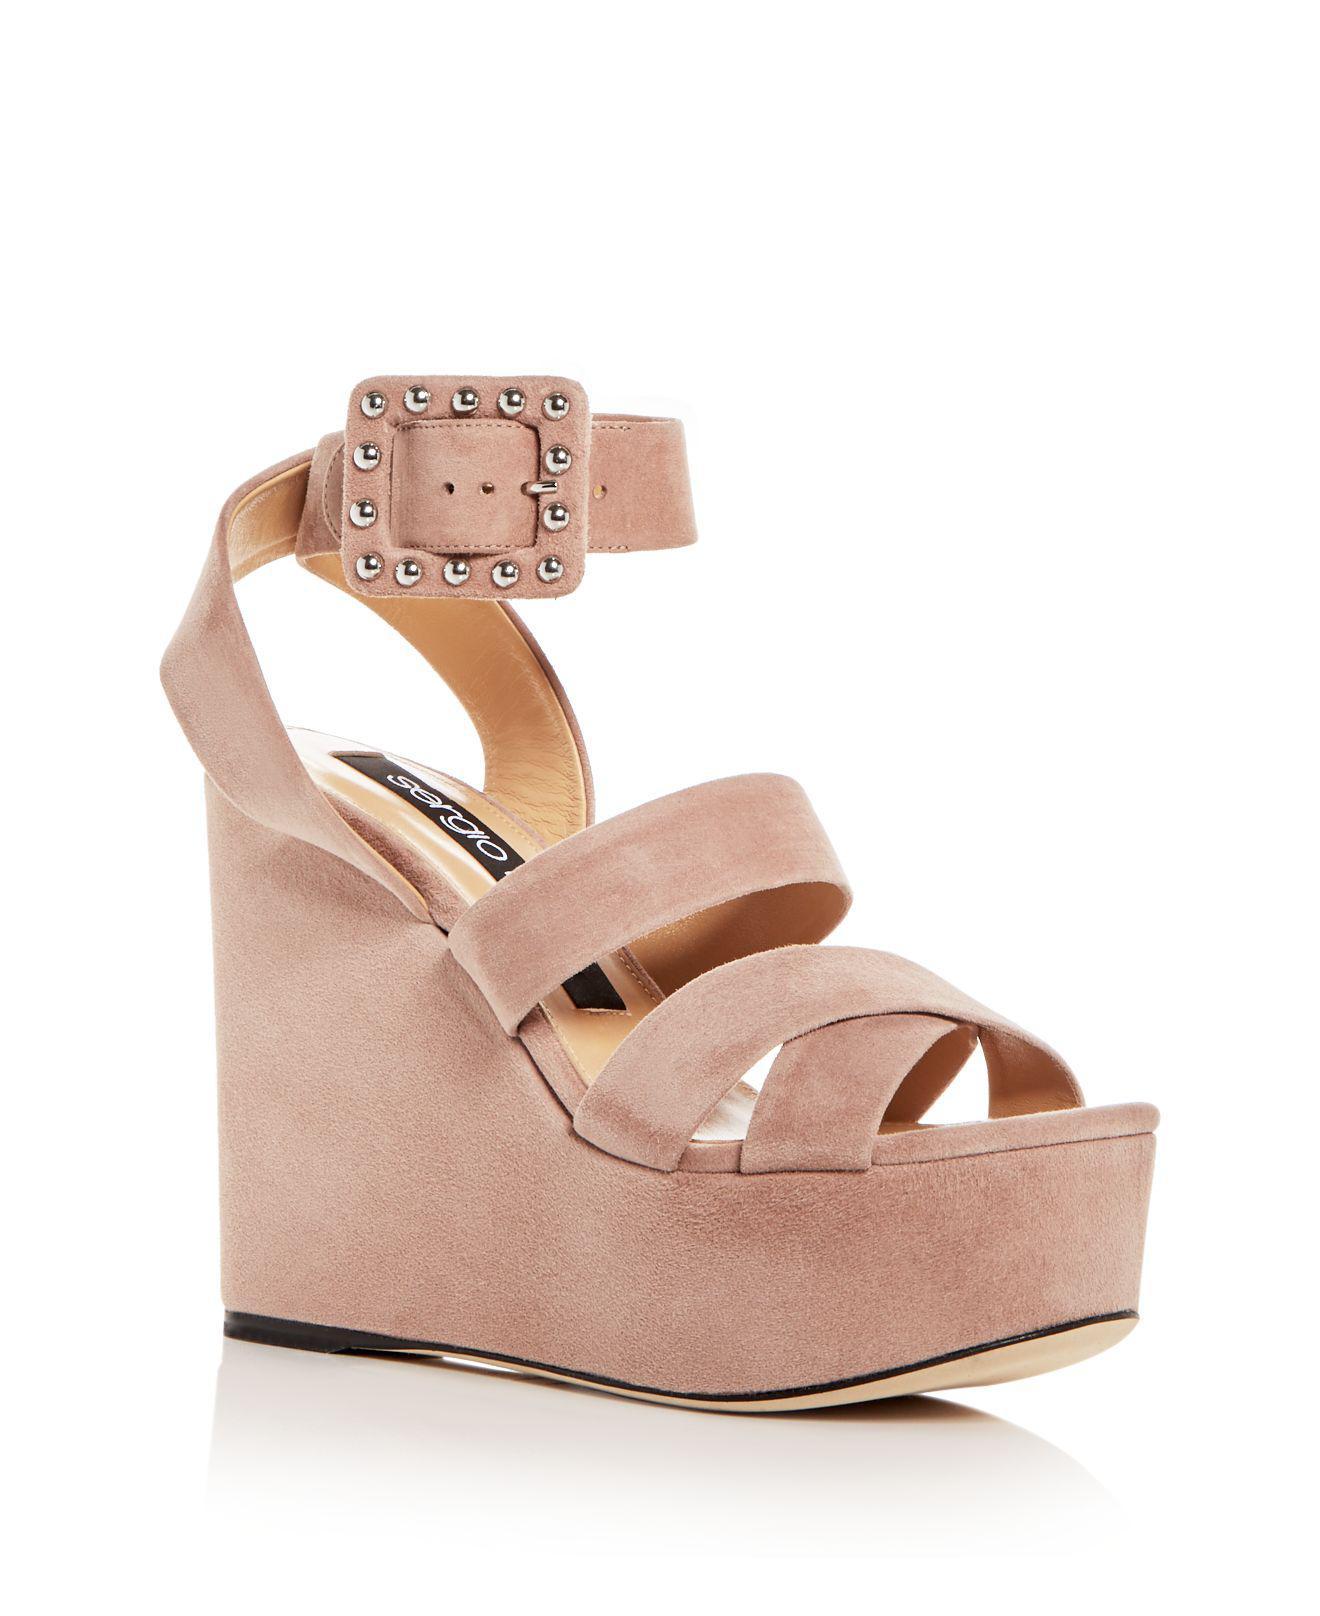 Sergio Rossi Women's Elettra Suede Ankle Strap Platform Wedge Sandals yqkPfeo